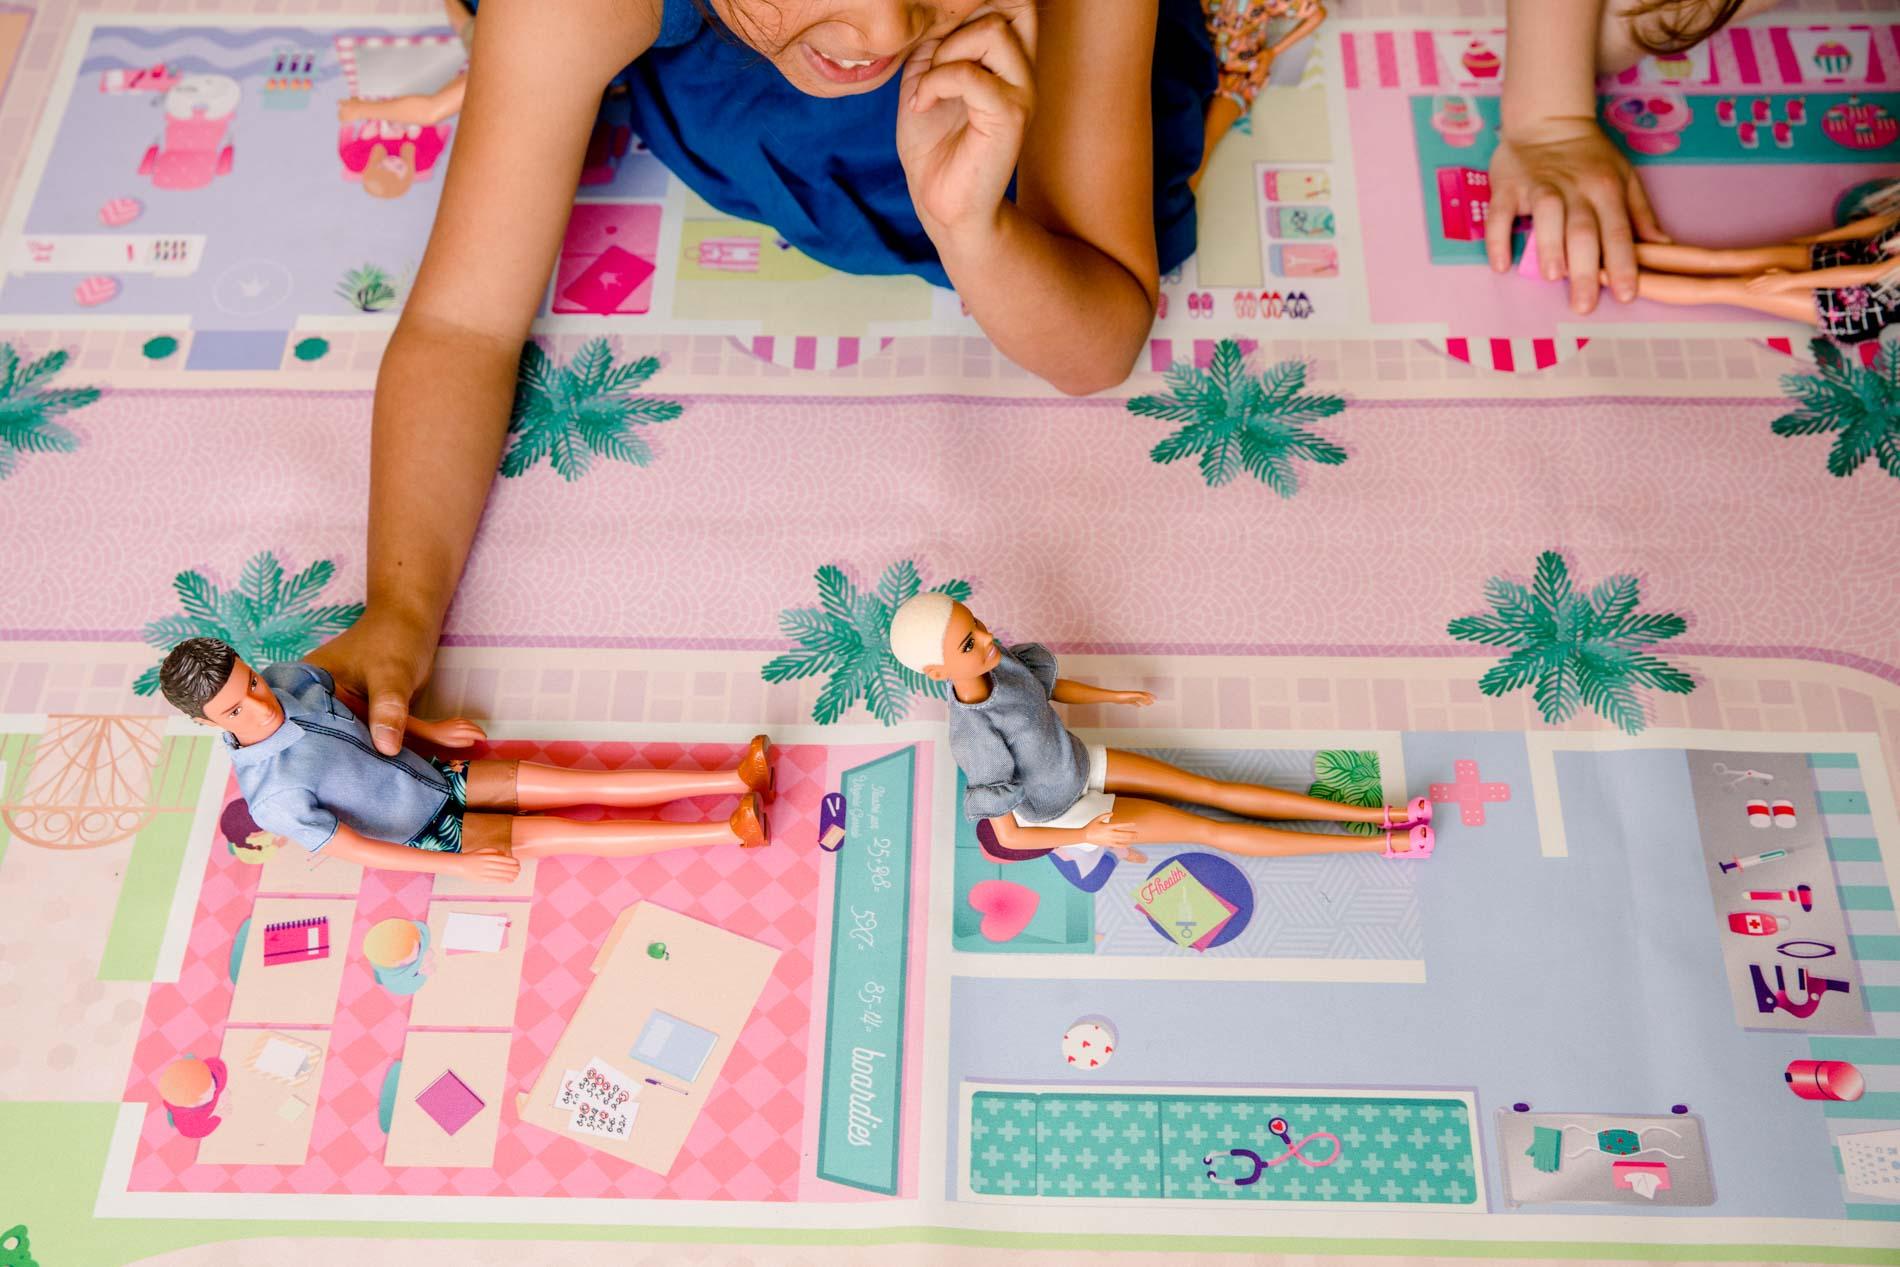 Lou et poupées métiers .jpg